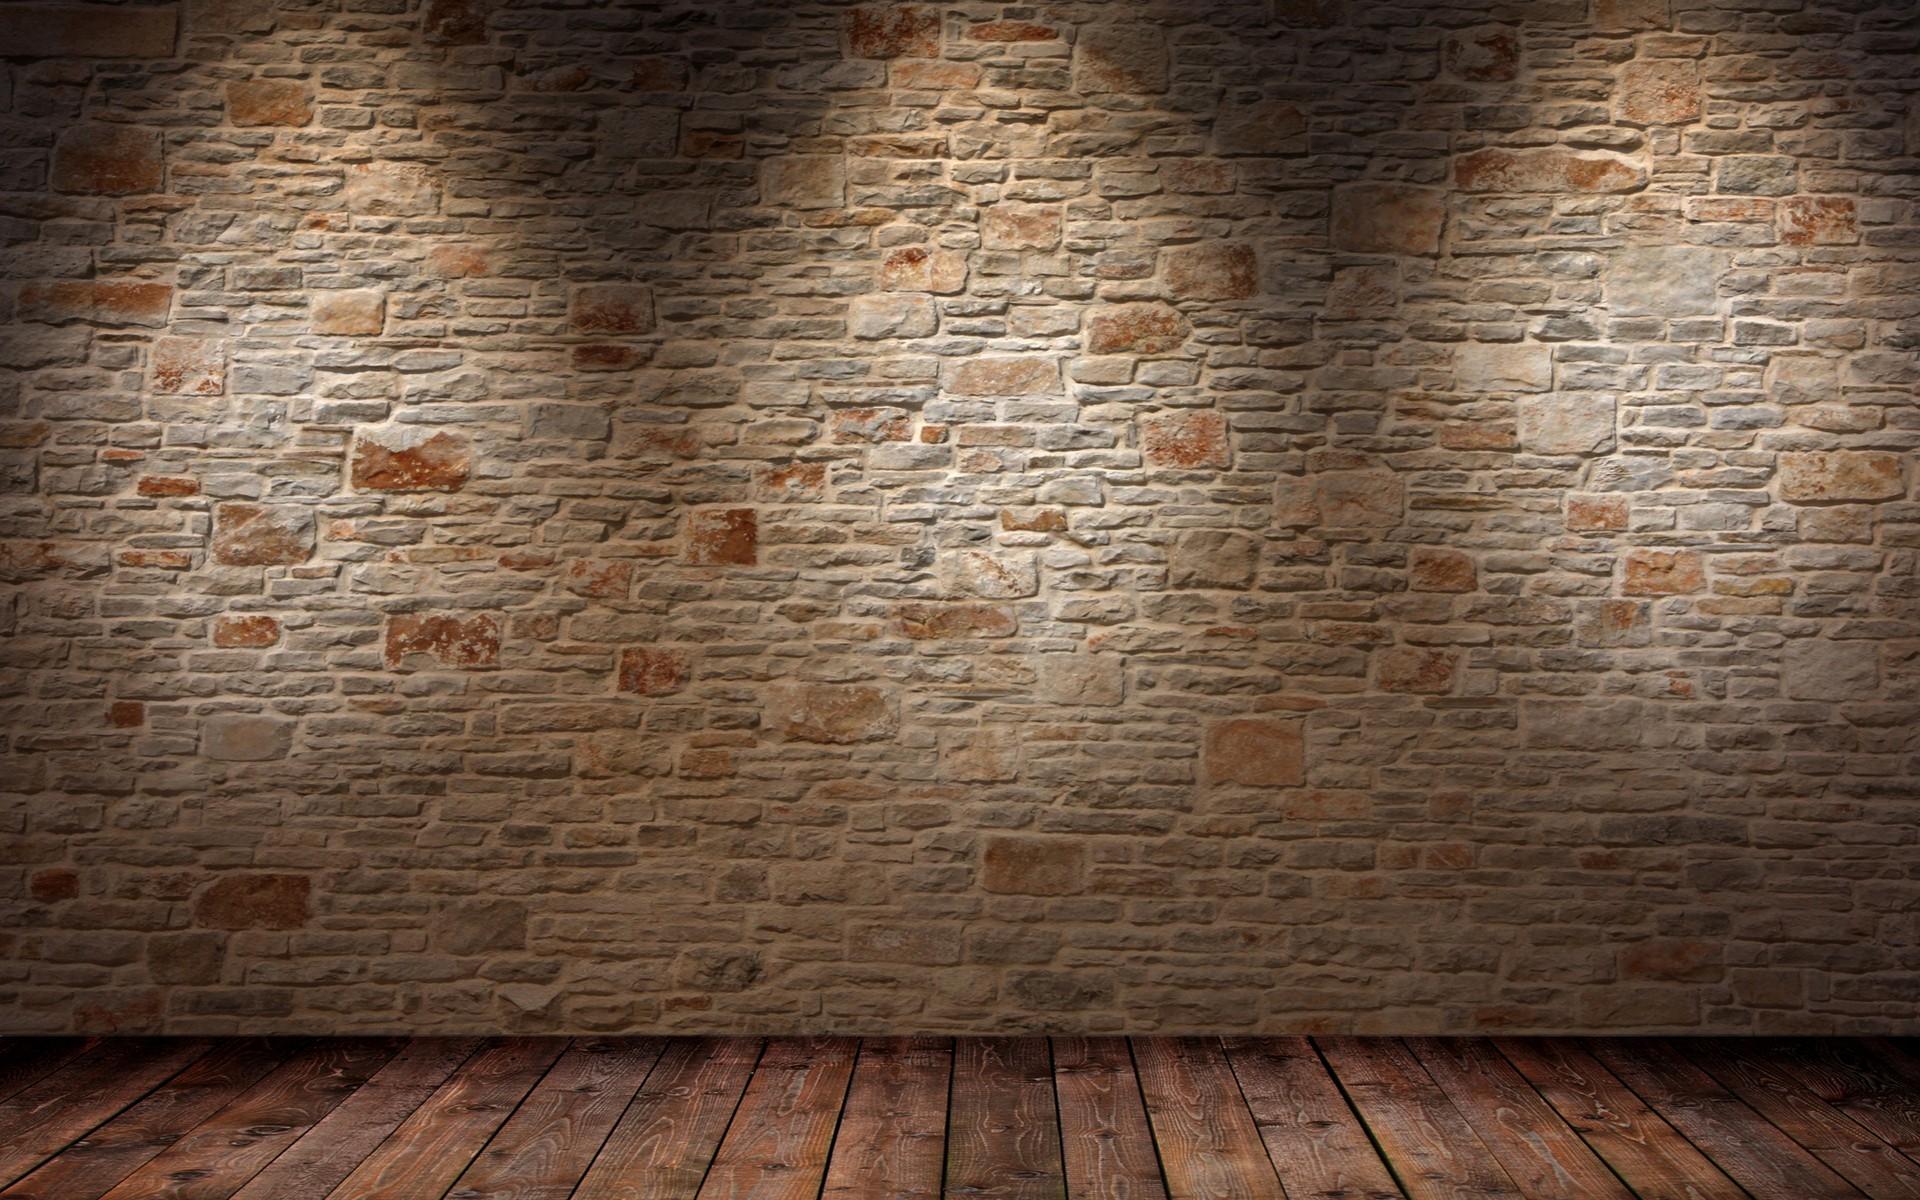 Floor d view minimalistic room wallpaper 1920x1200 for Floor background